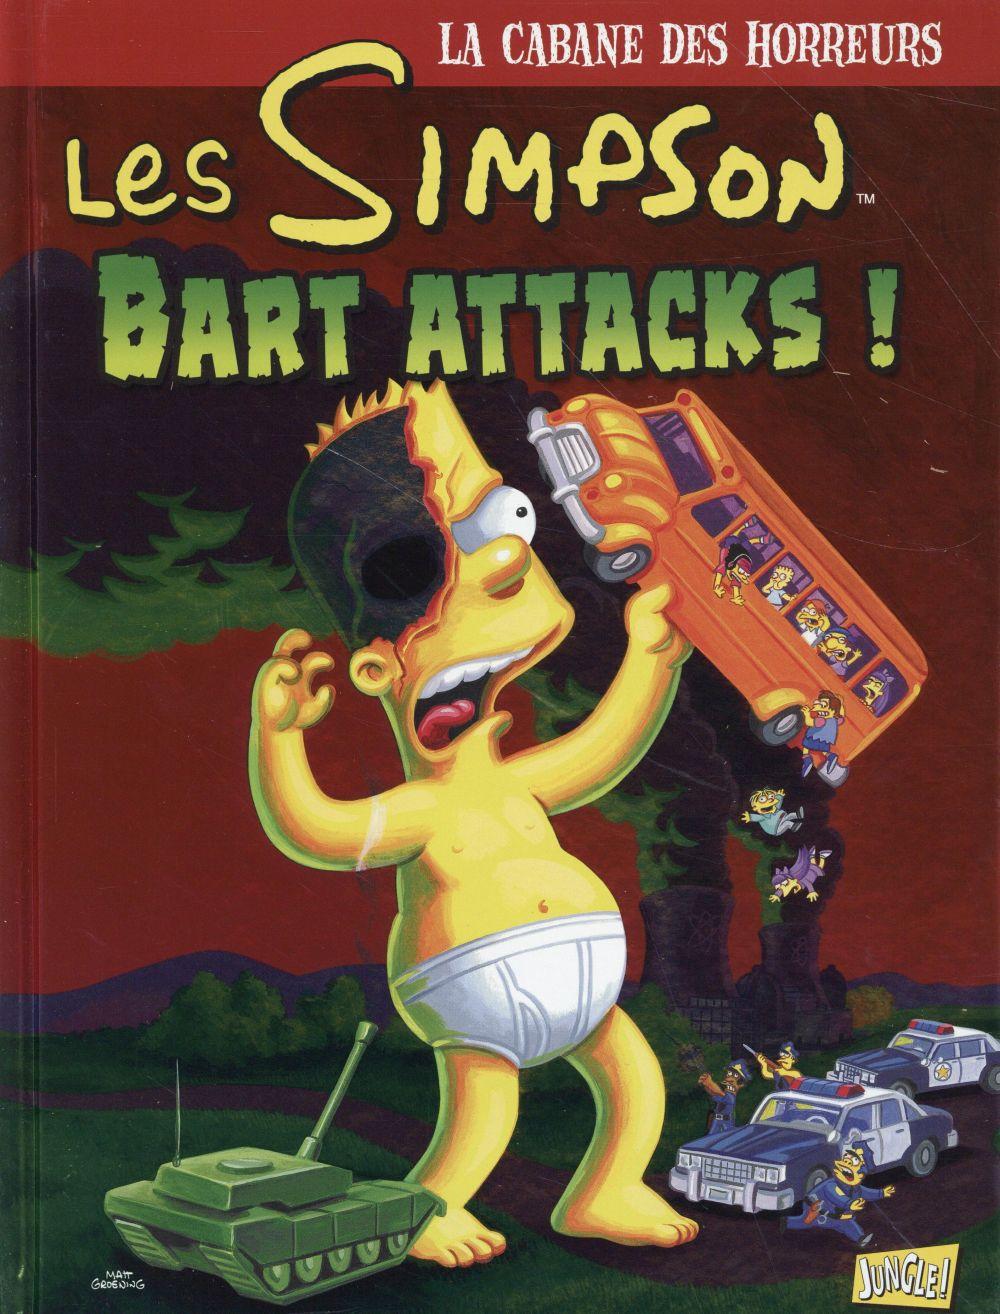 BART ATTACKS !